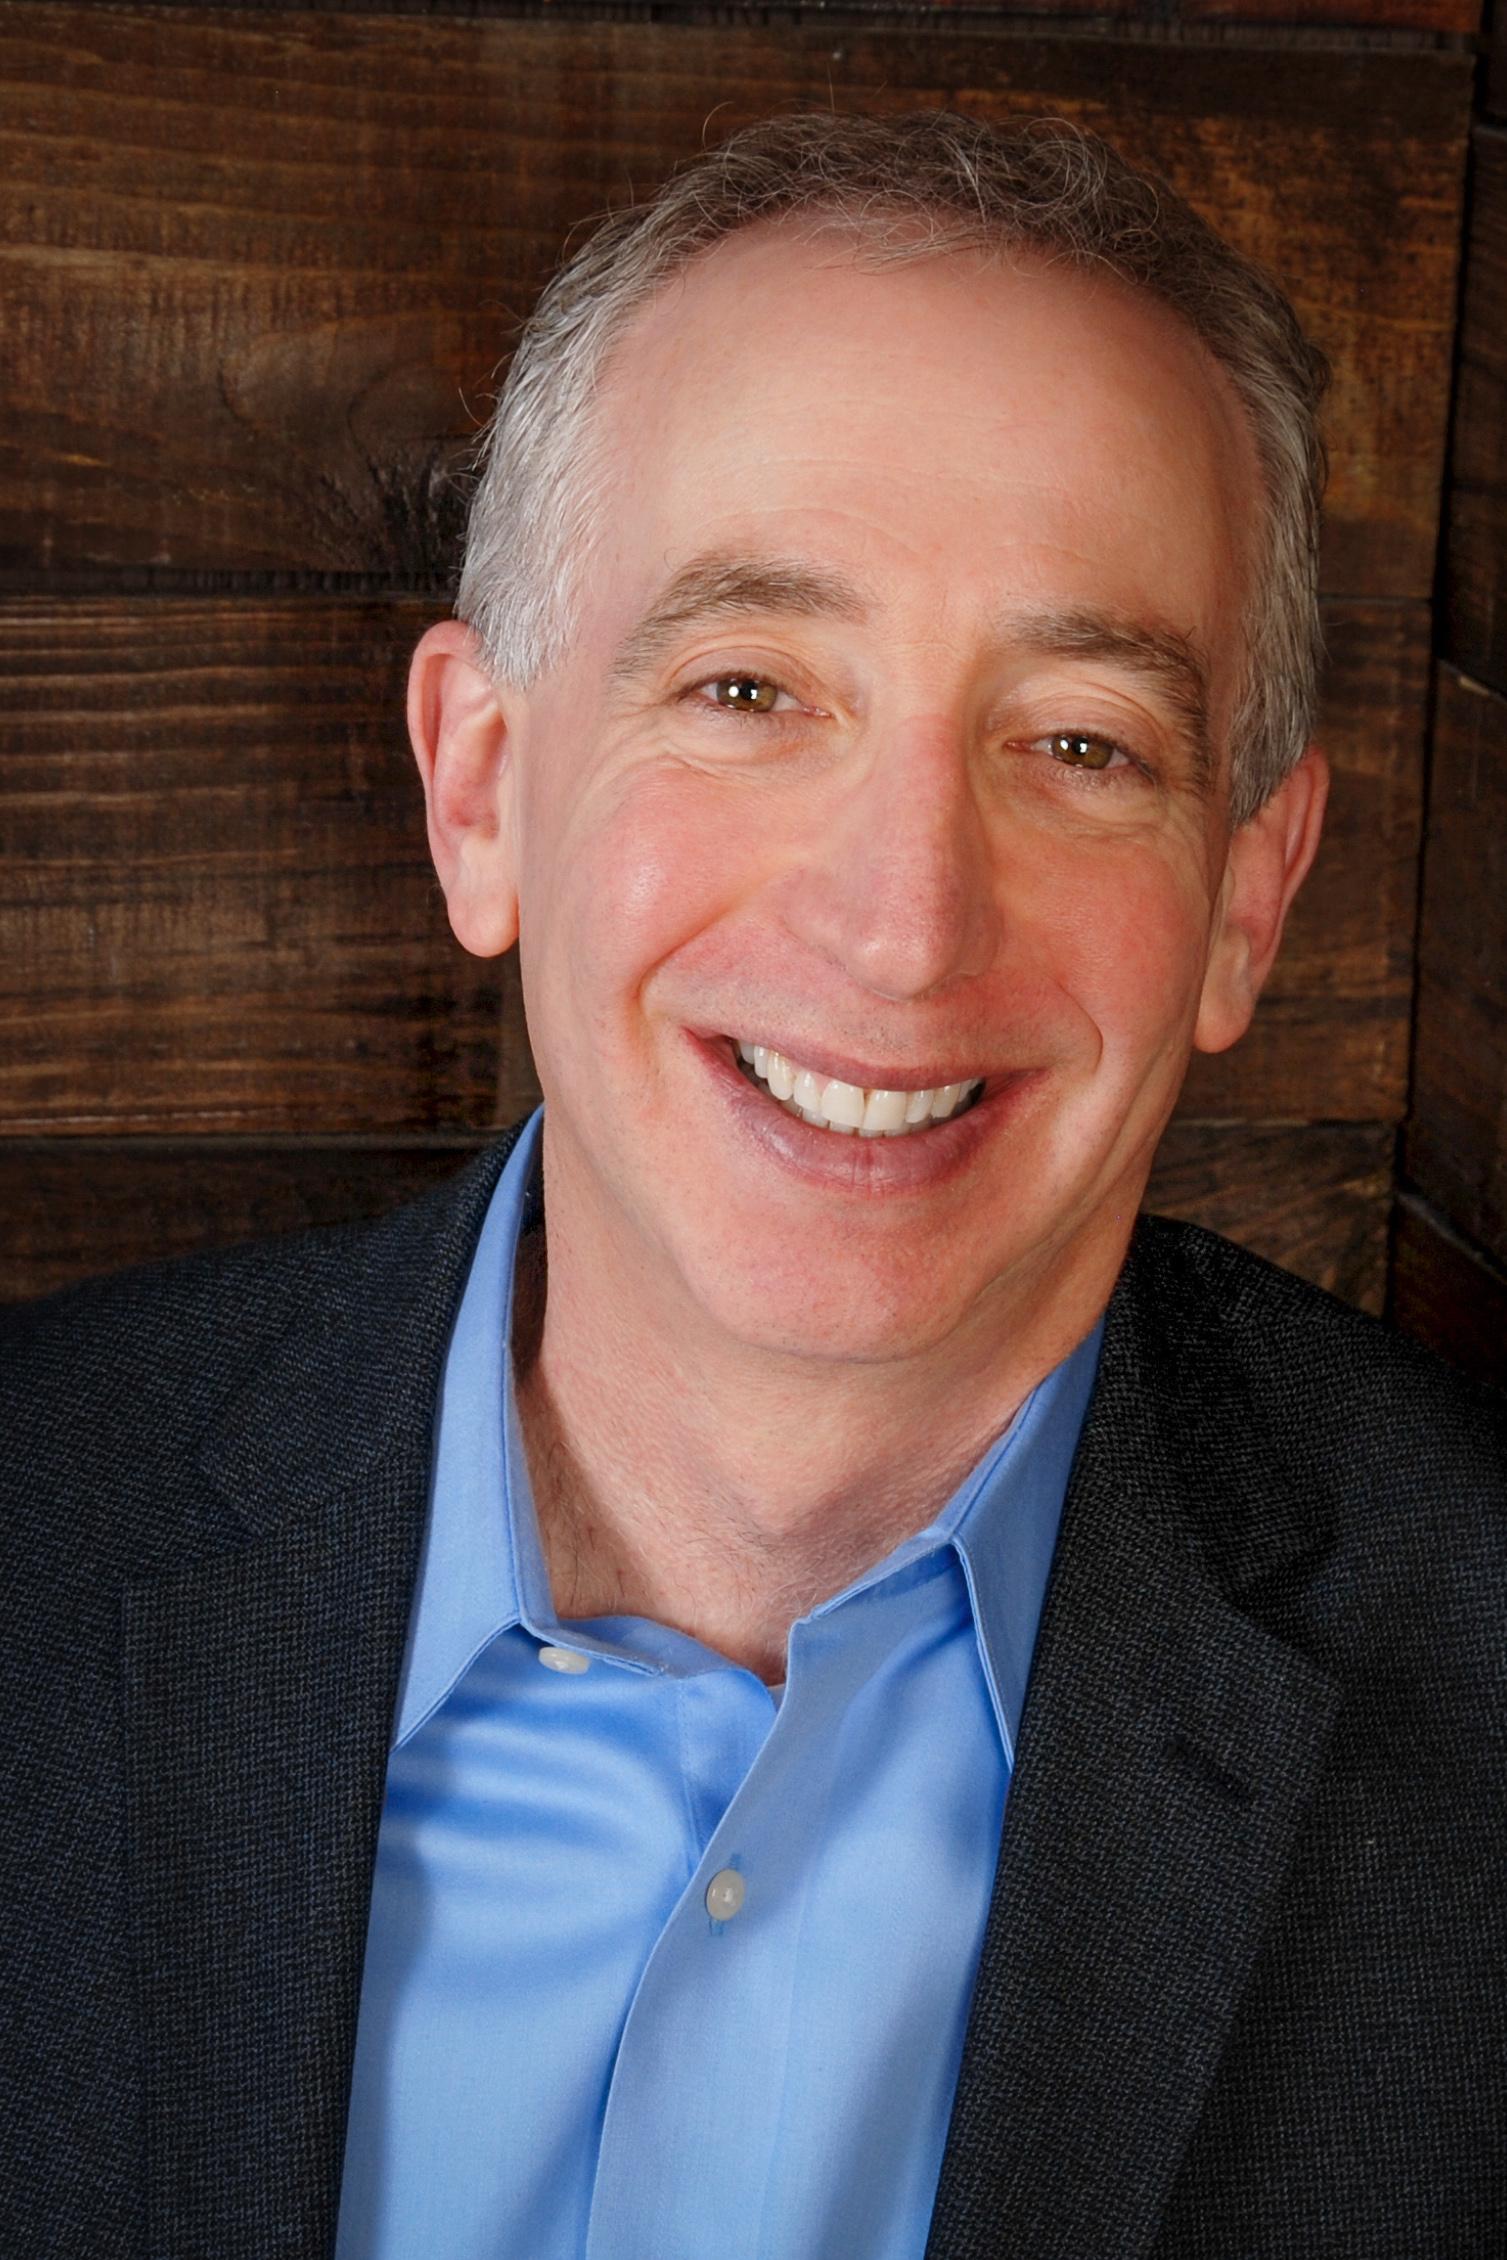 Howard Teibel